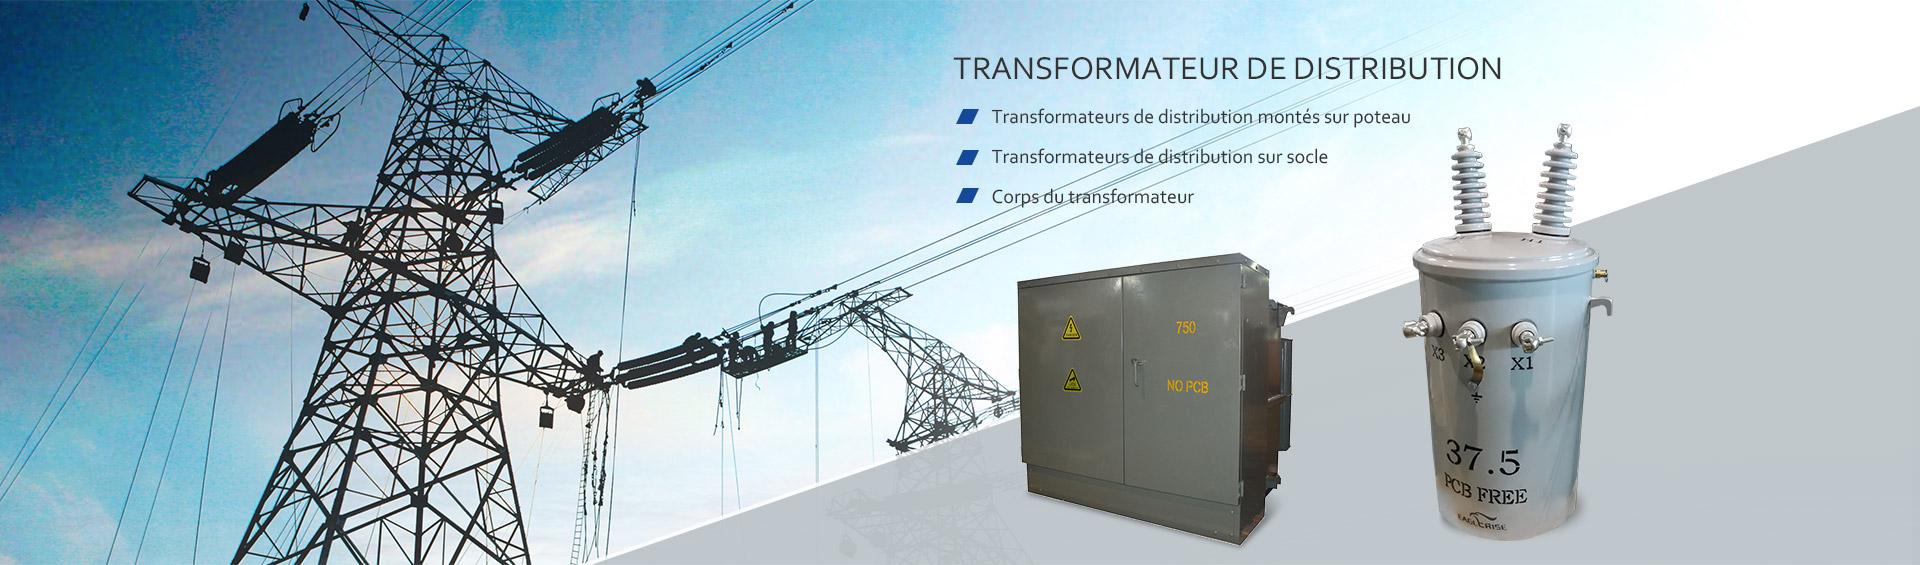 Transformateur de distribution